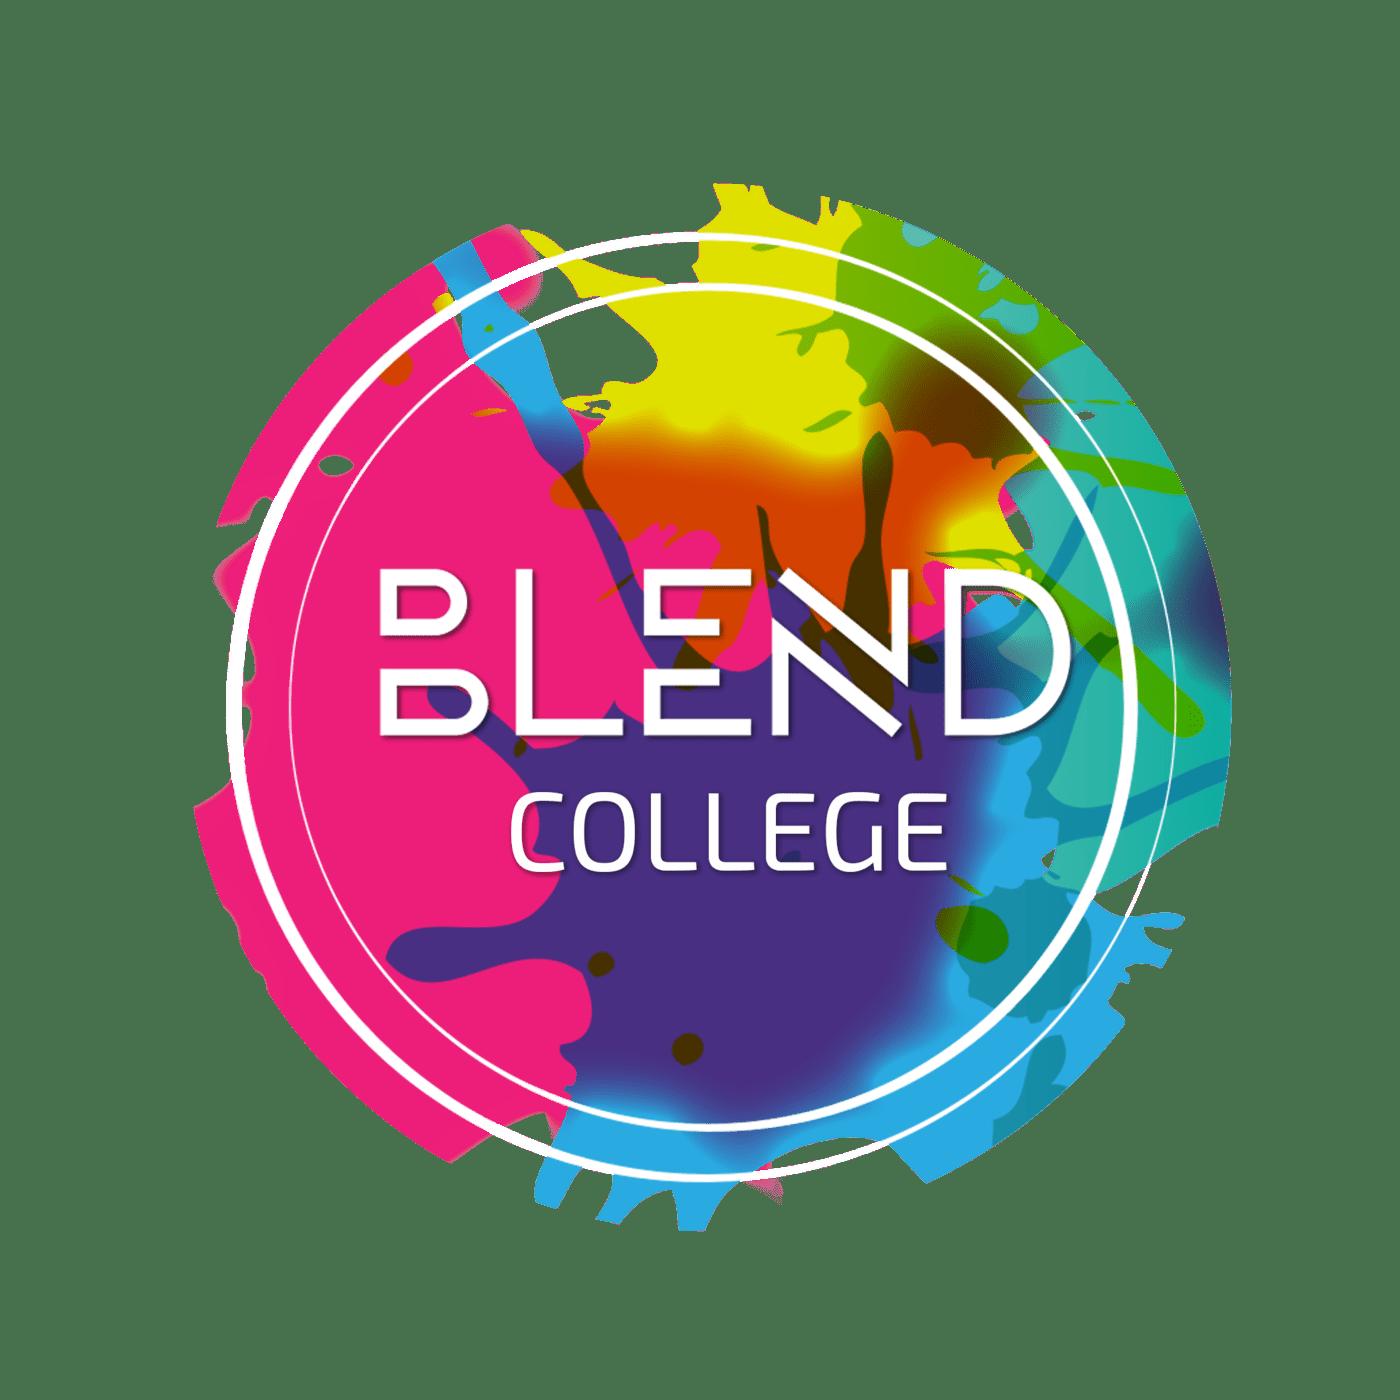 BLENDtw College logo